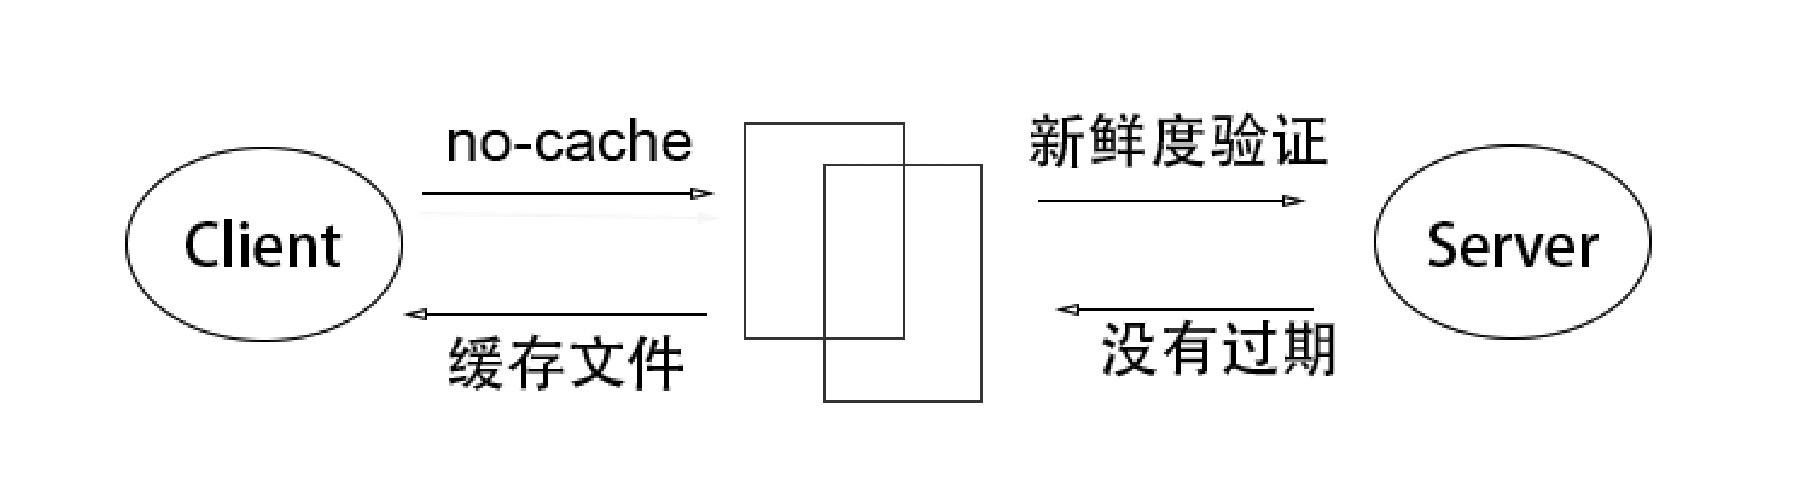 新鲜度验证流程图